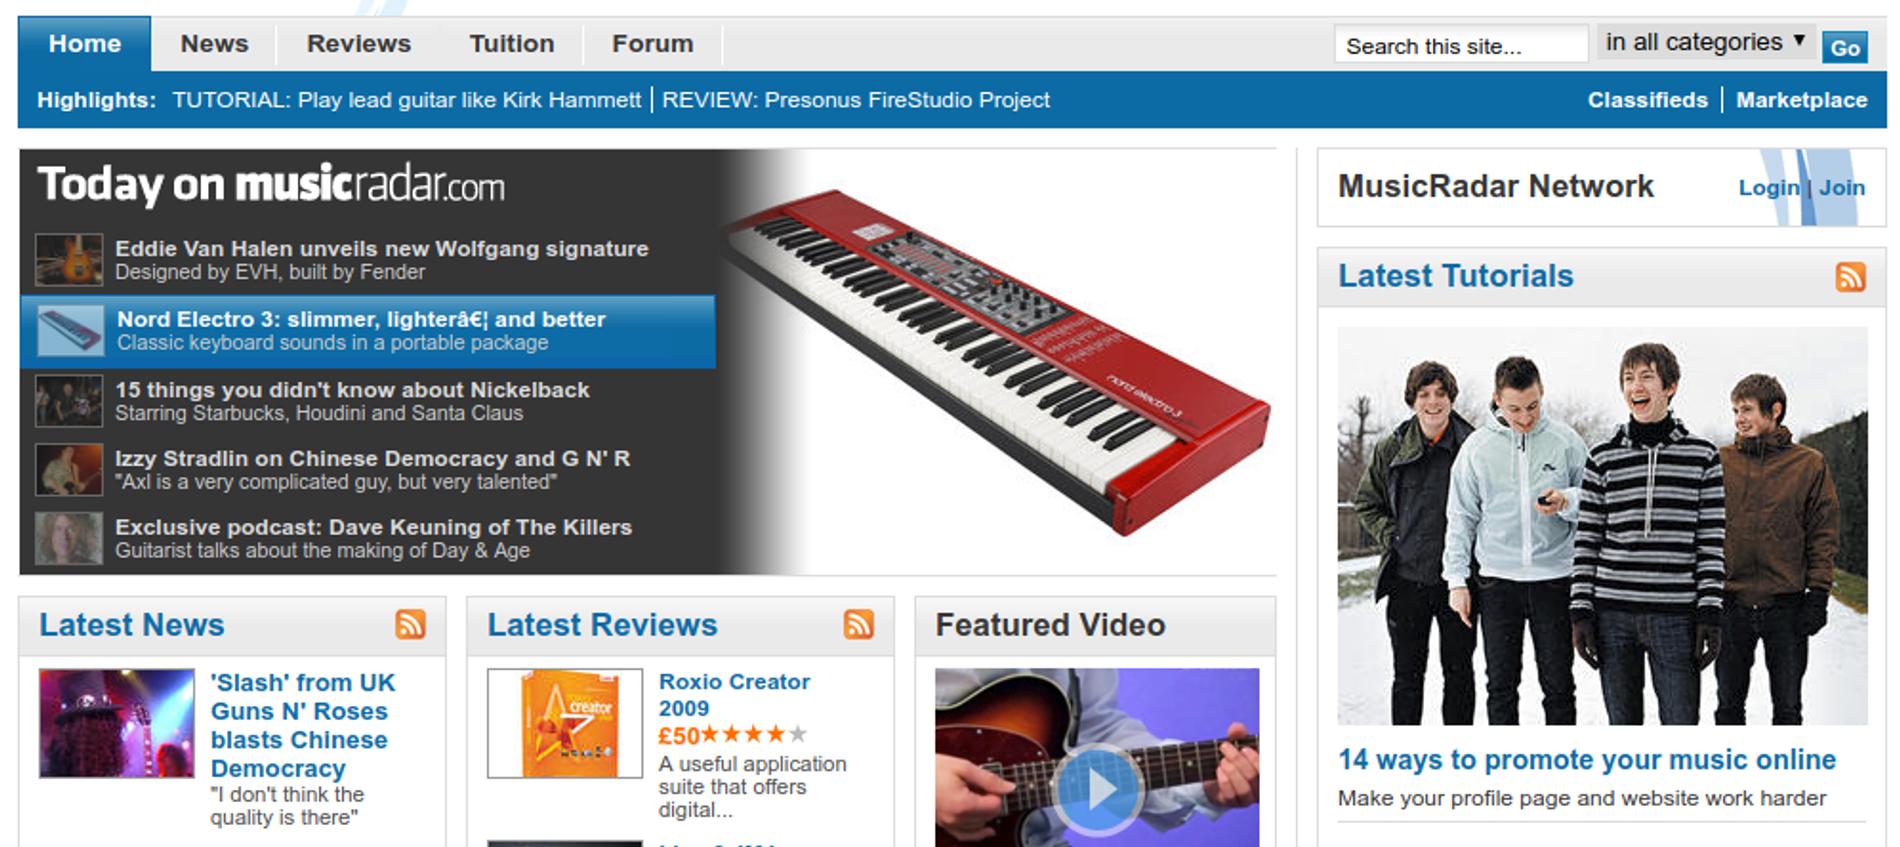 MusicRadar.com homepage